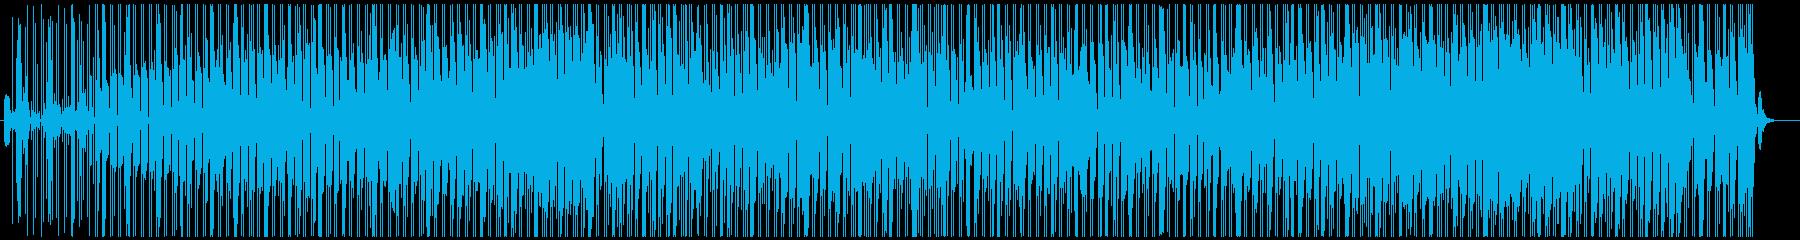 バサノバ ほのぼの 幸せ お笑い ...の再生済みの波形